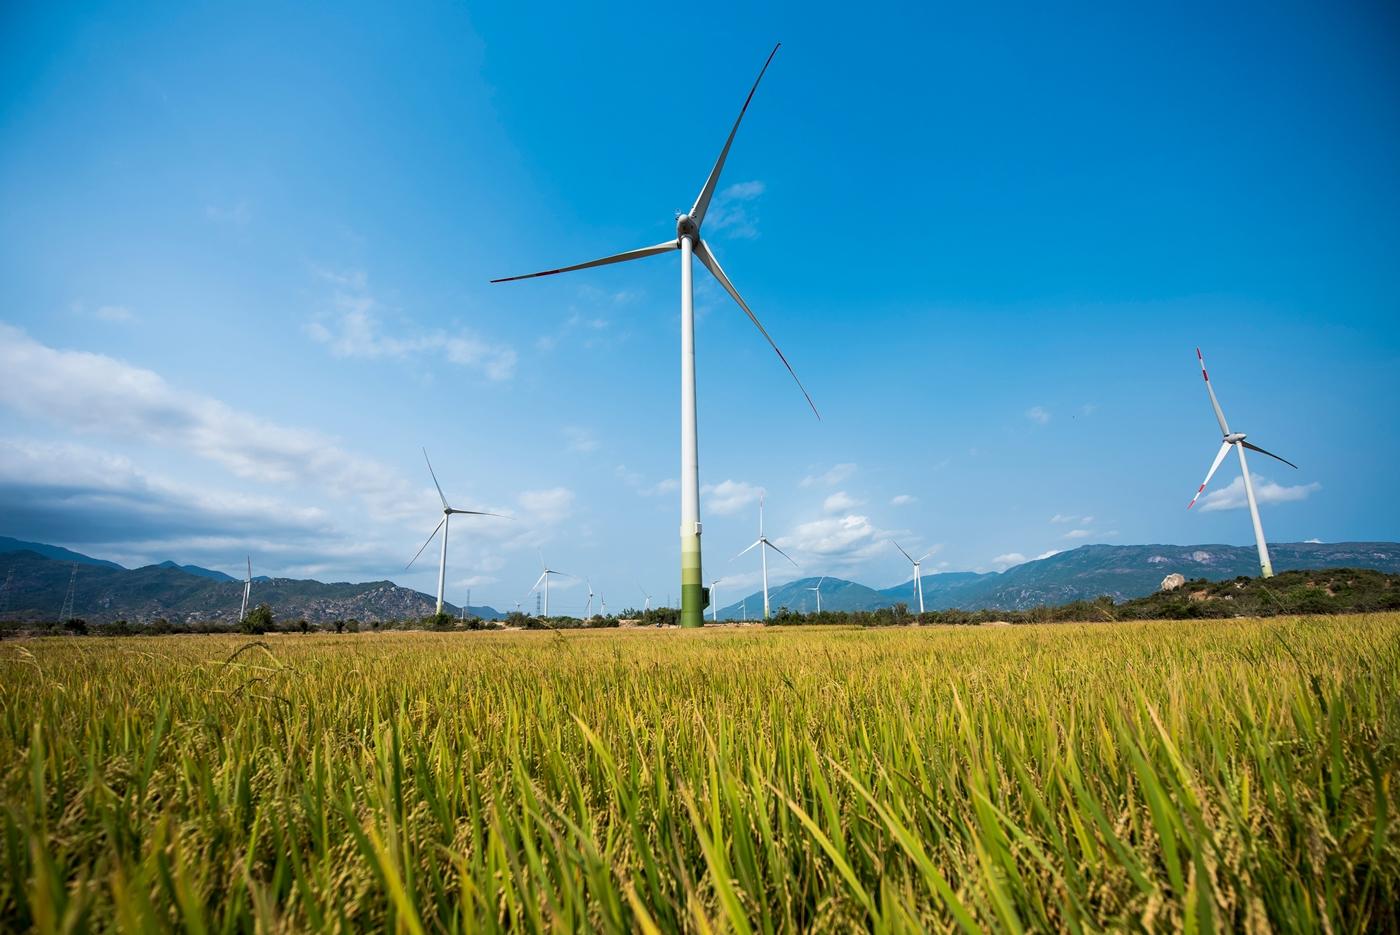 Để điện gió tránh đi vào vết xe đổ của điện mặt trời